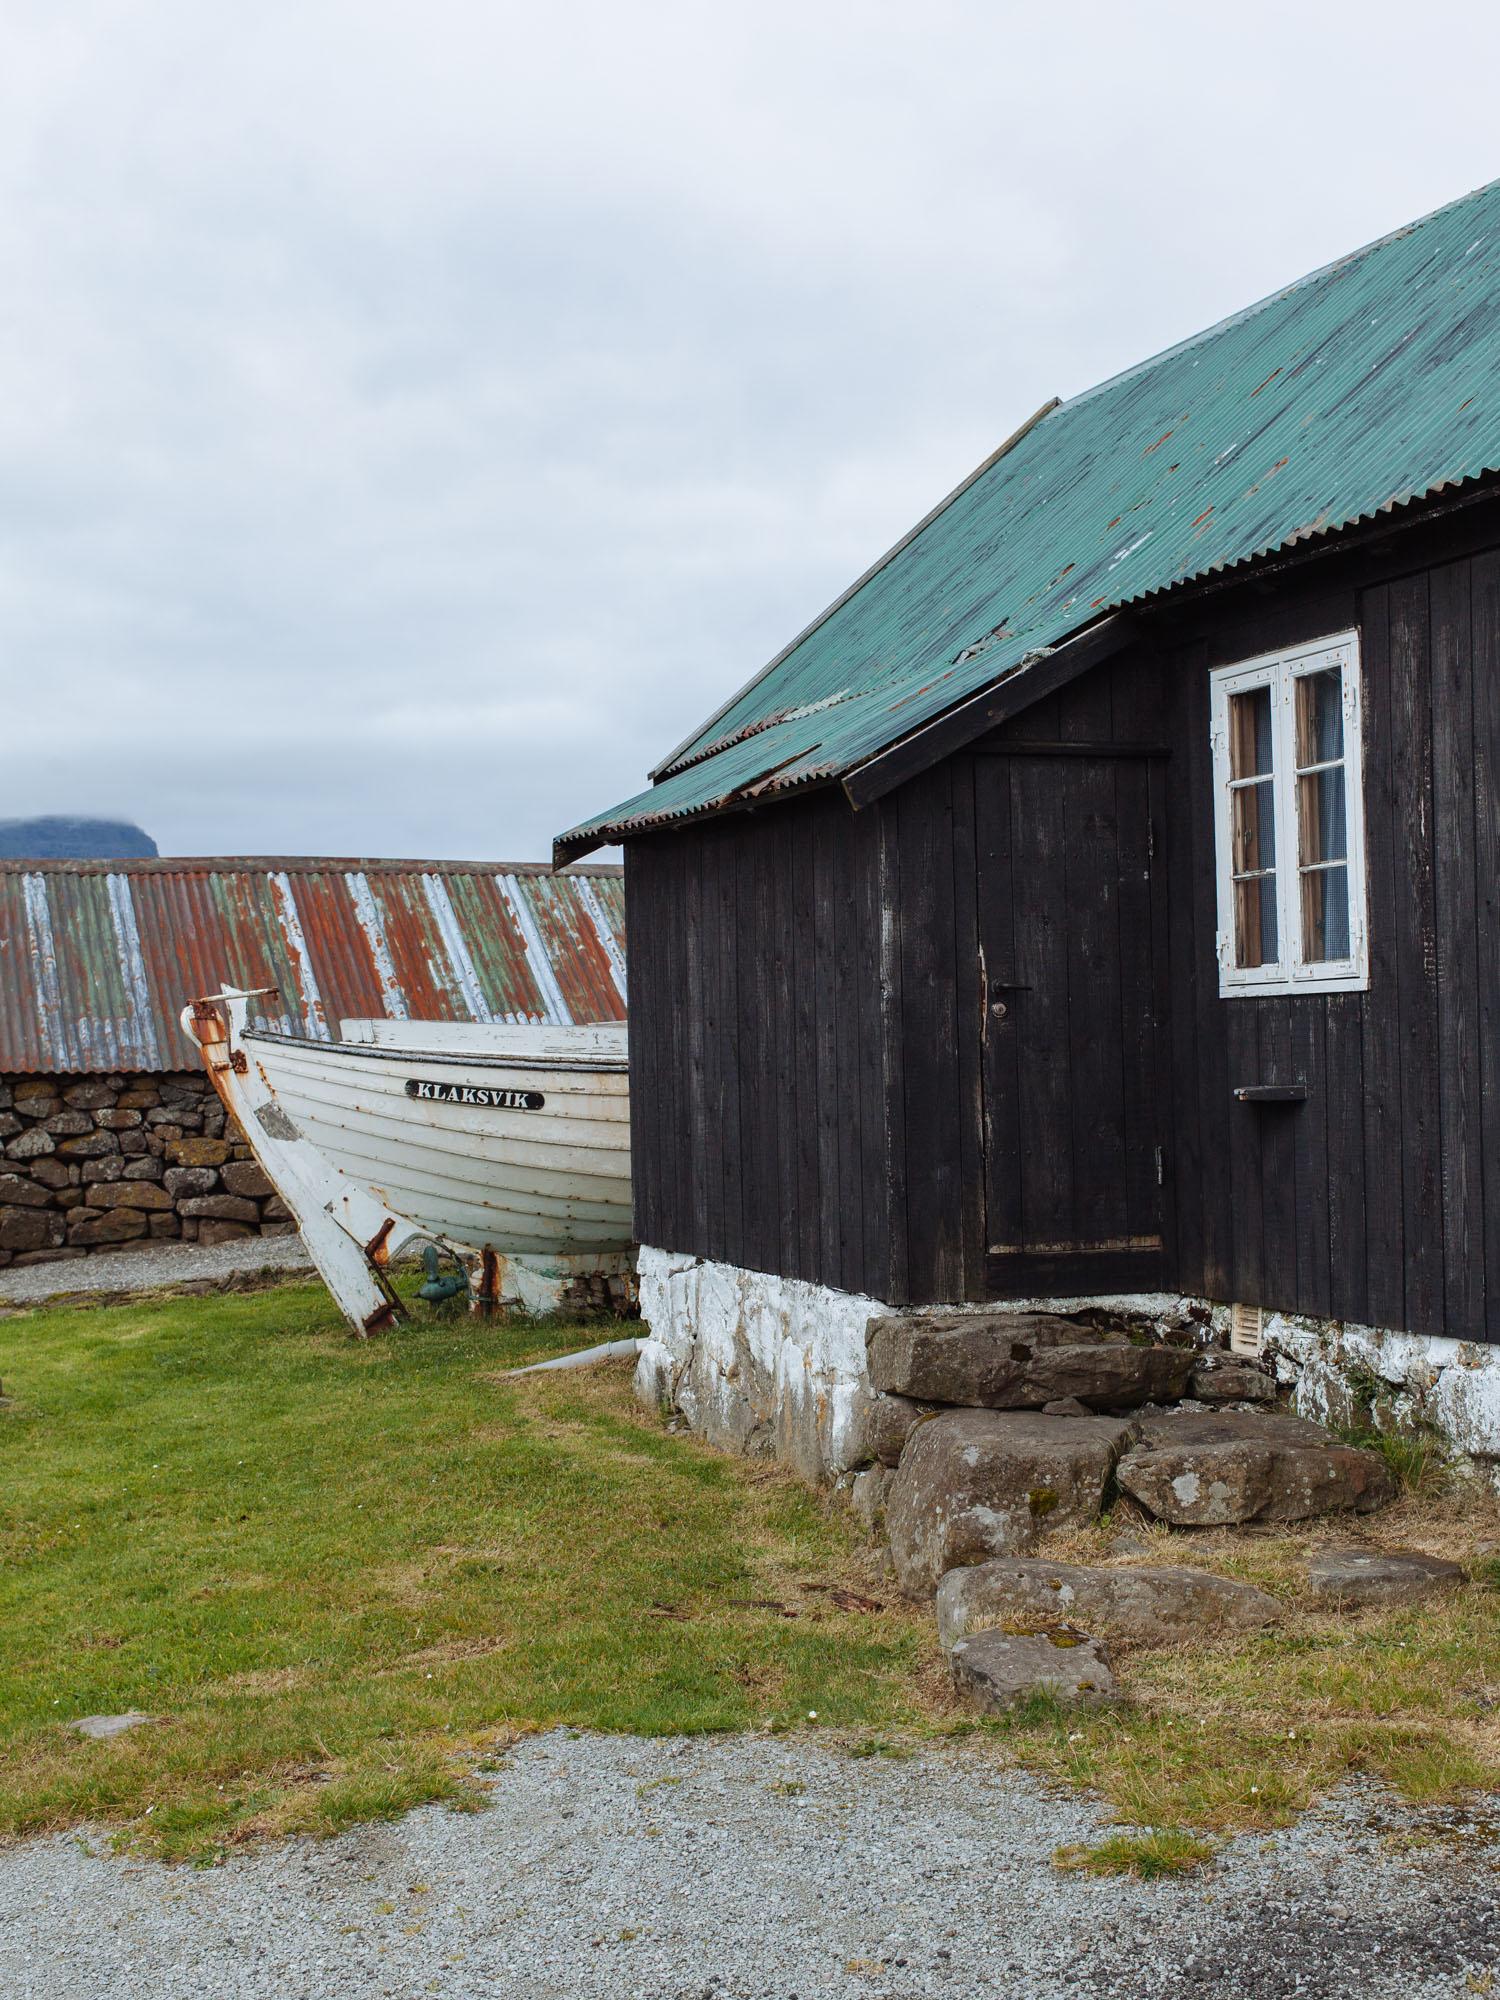 faroe-islands-archie-leeming-16.jpg